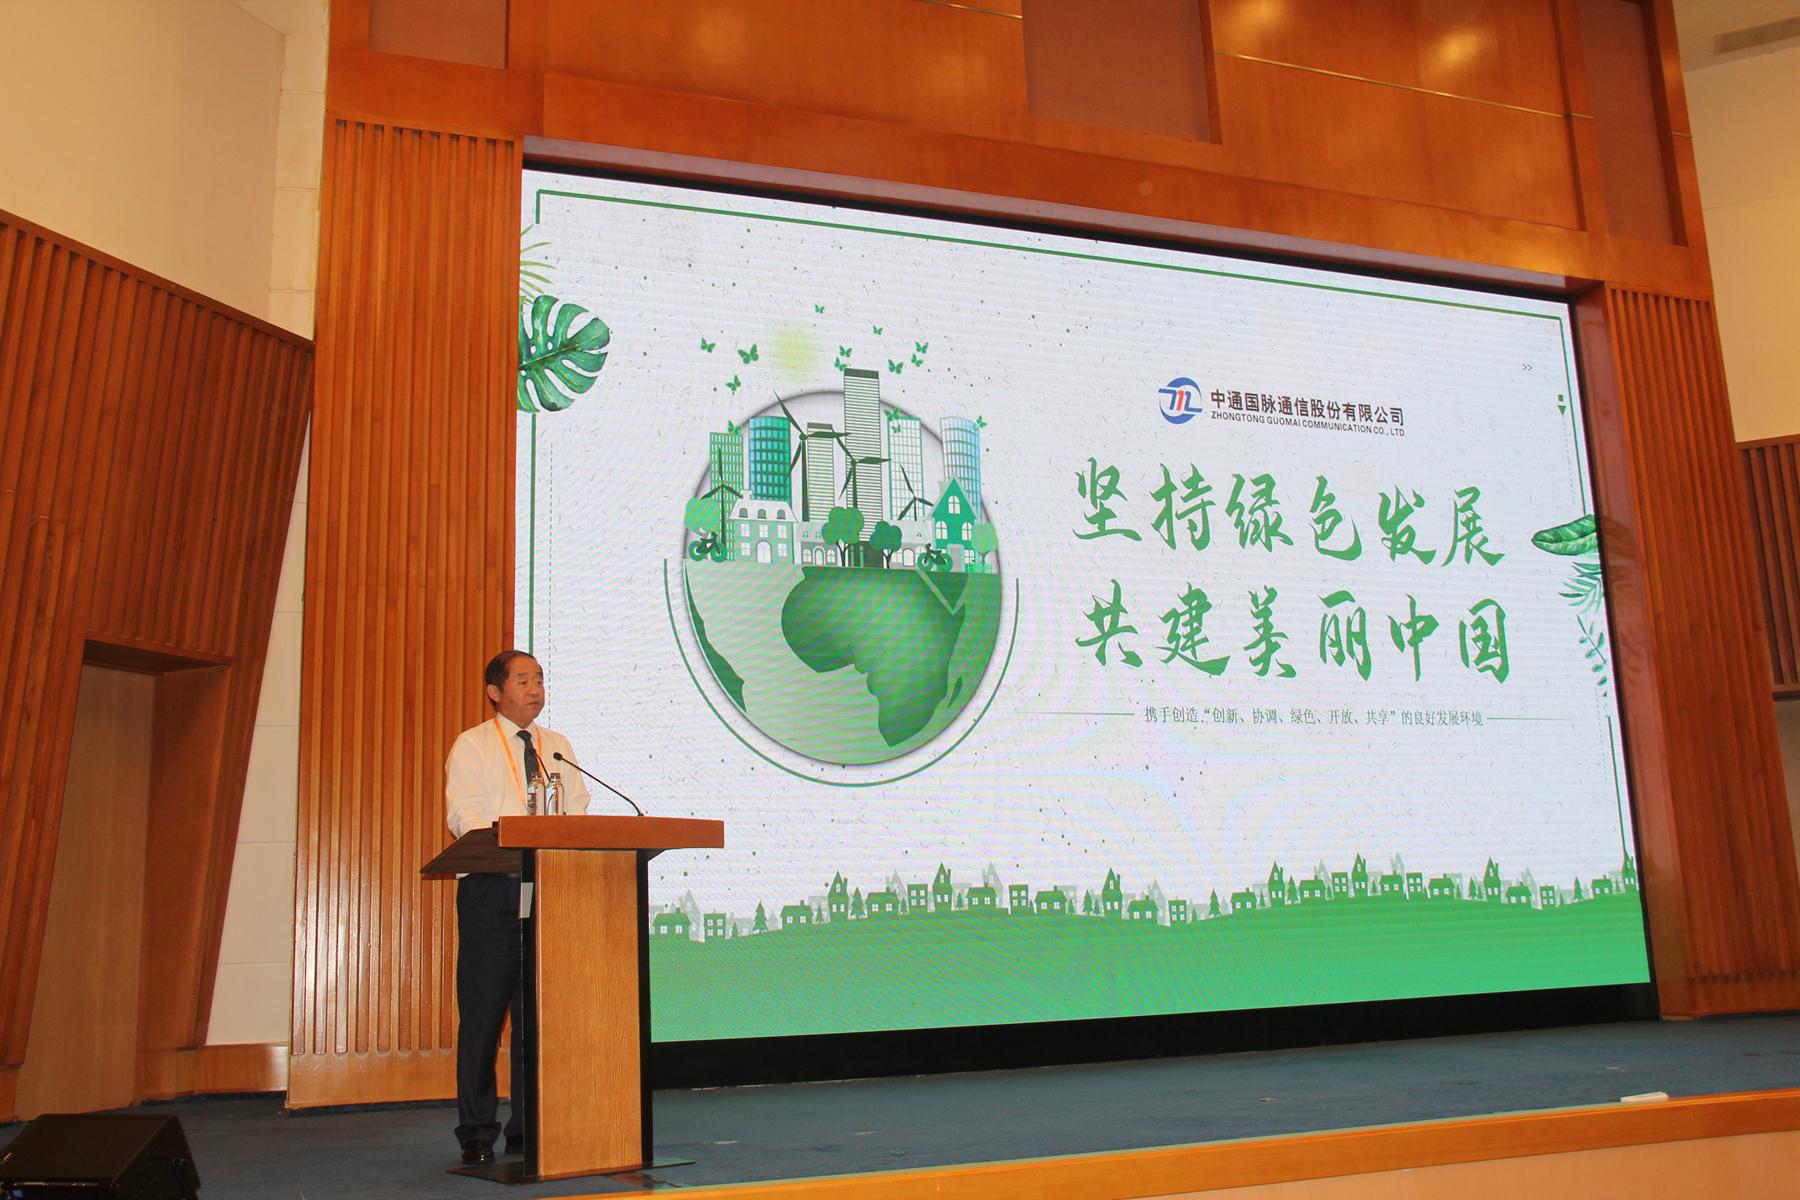 """坚持绿色发展、共建美丽中国——中通bob亚洲官网获评""""2020年绿色发展创新企业"""""""